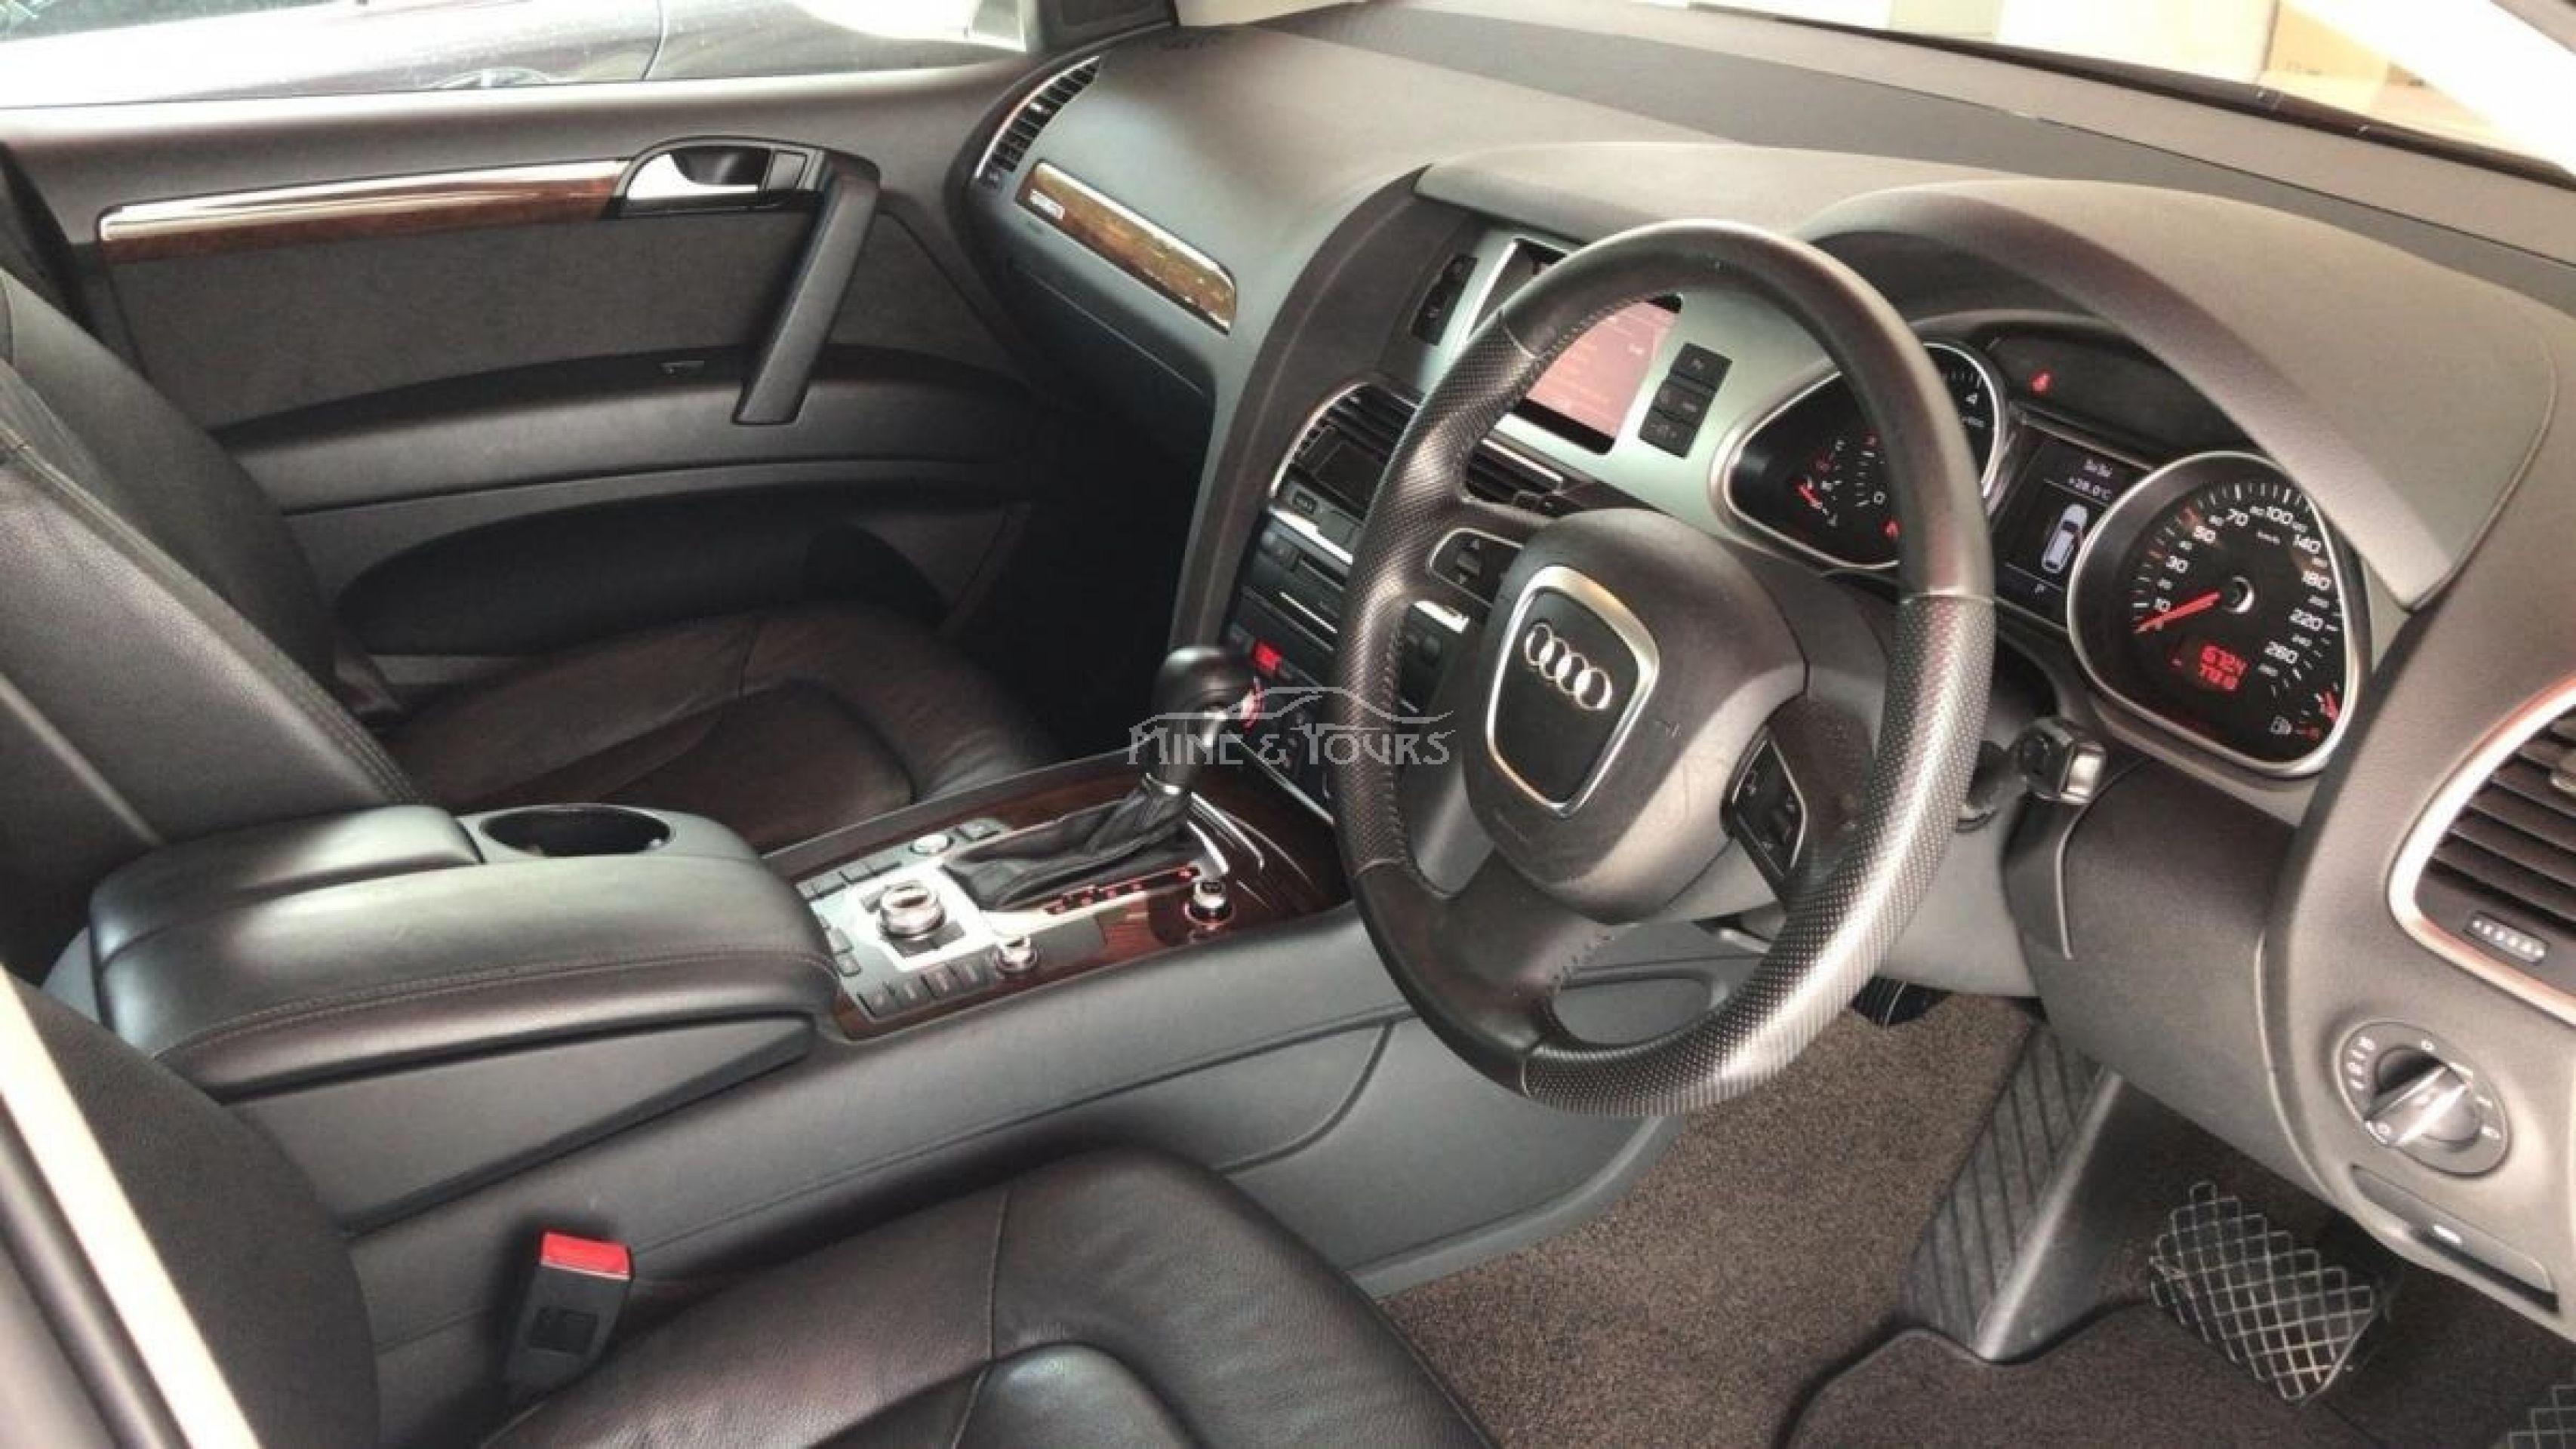 2010 Audi Q7 3.0 TDI Quattro